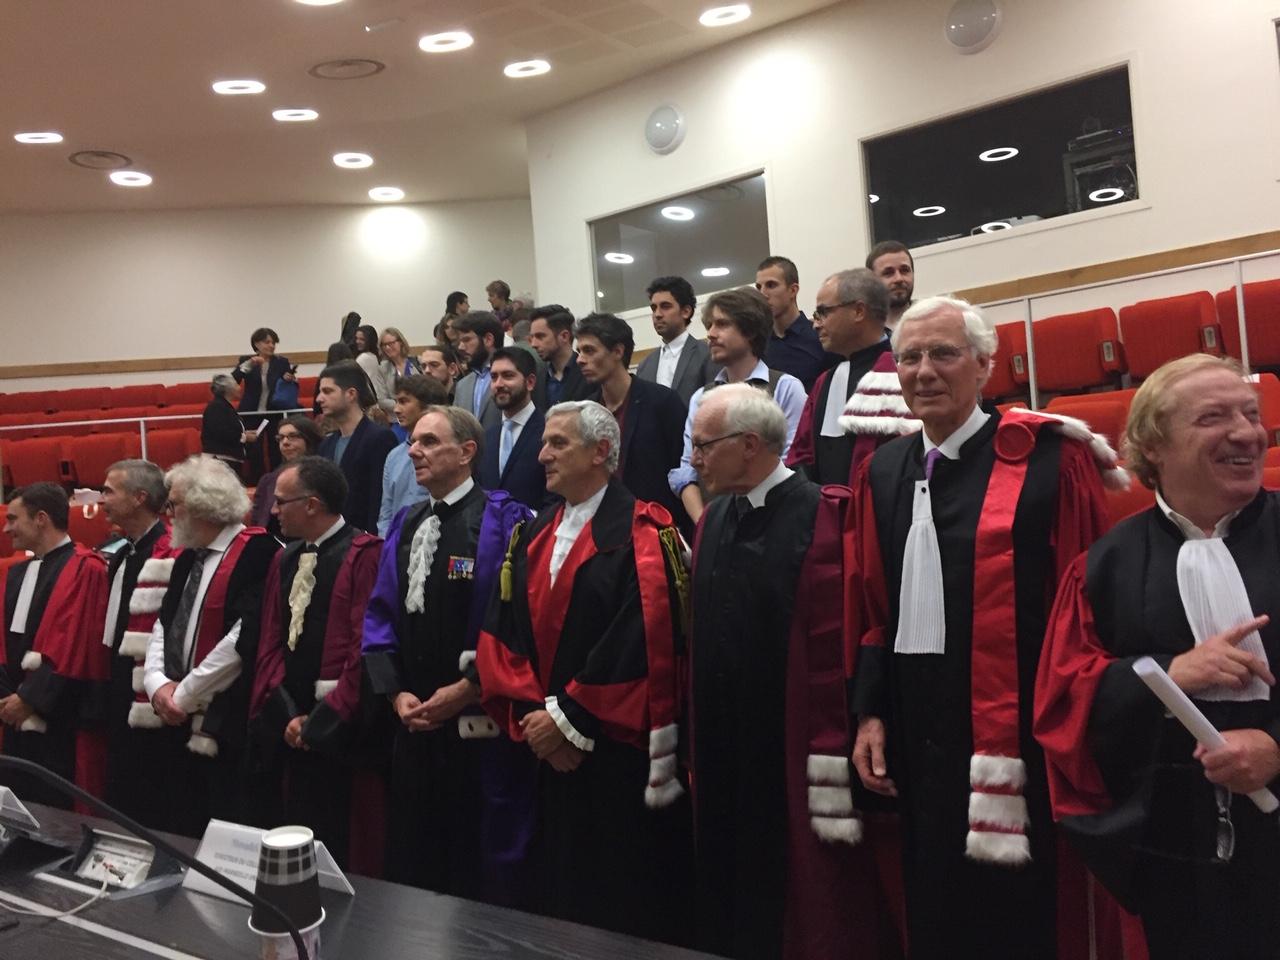 Dr Ejan Mackay reçoit un doctorat honoris causa de l'Université Aix-Marseille.